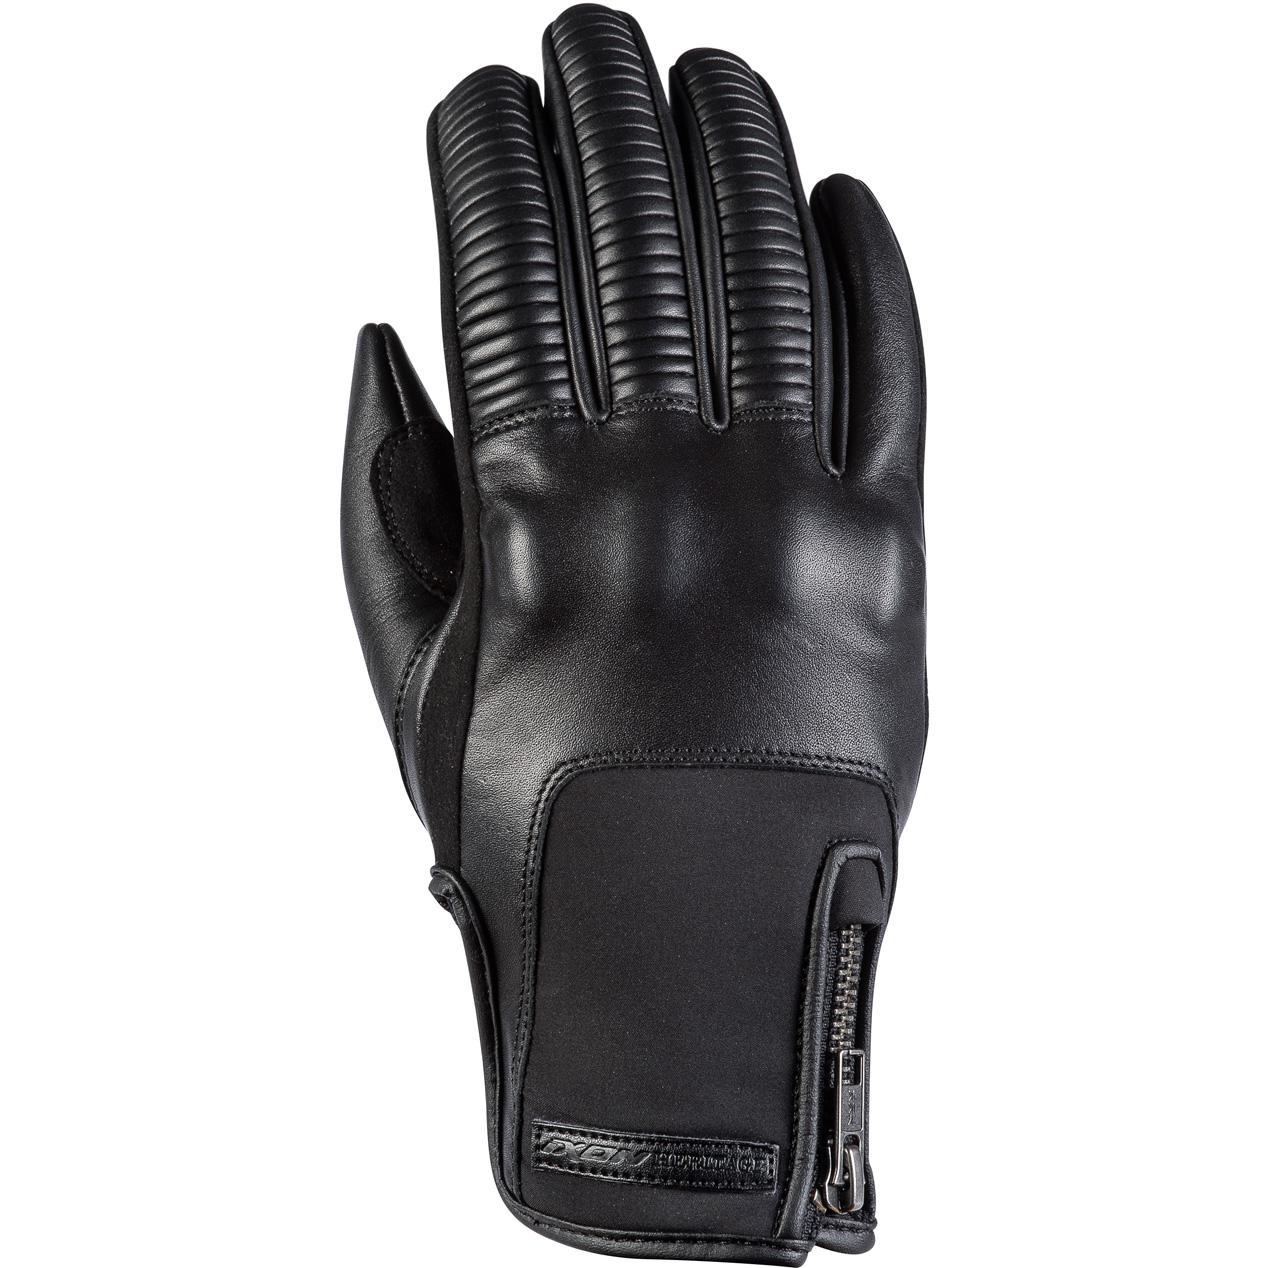 IXON-gants-rs-neo-lady-image-10720379